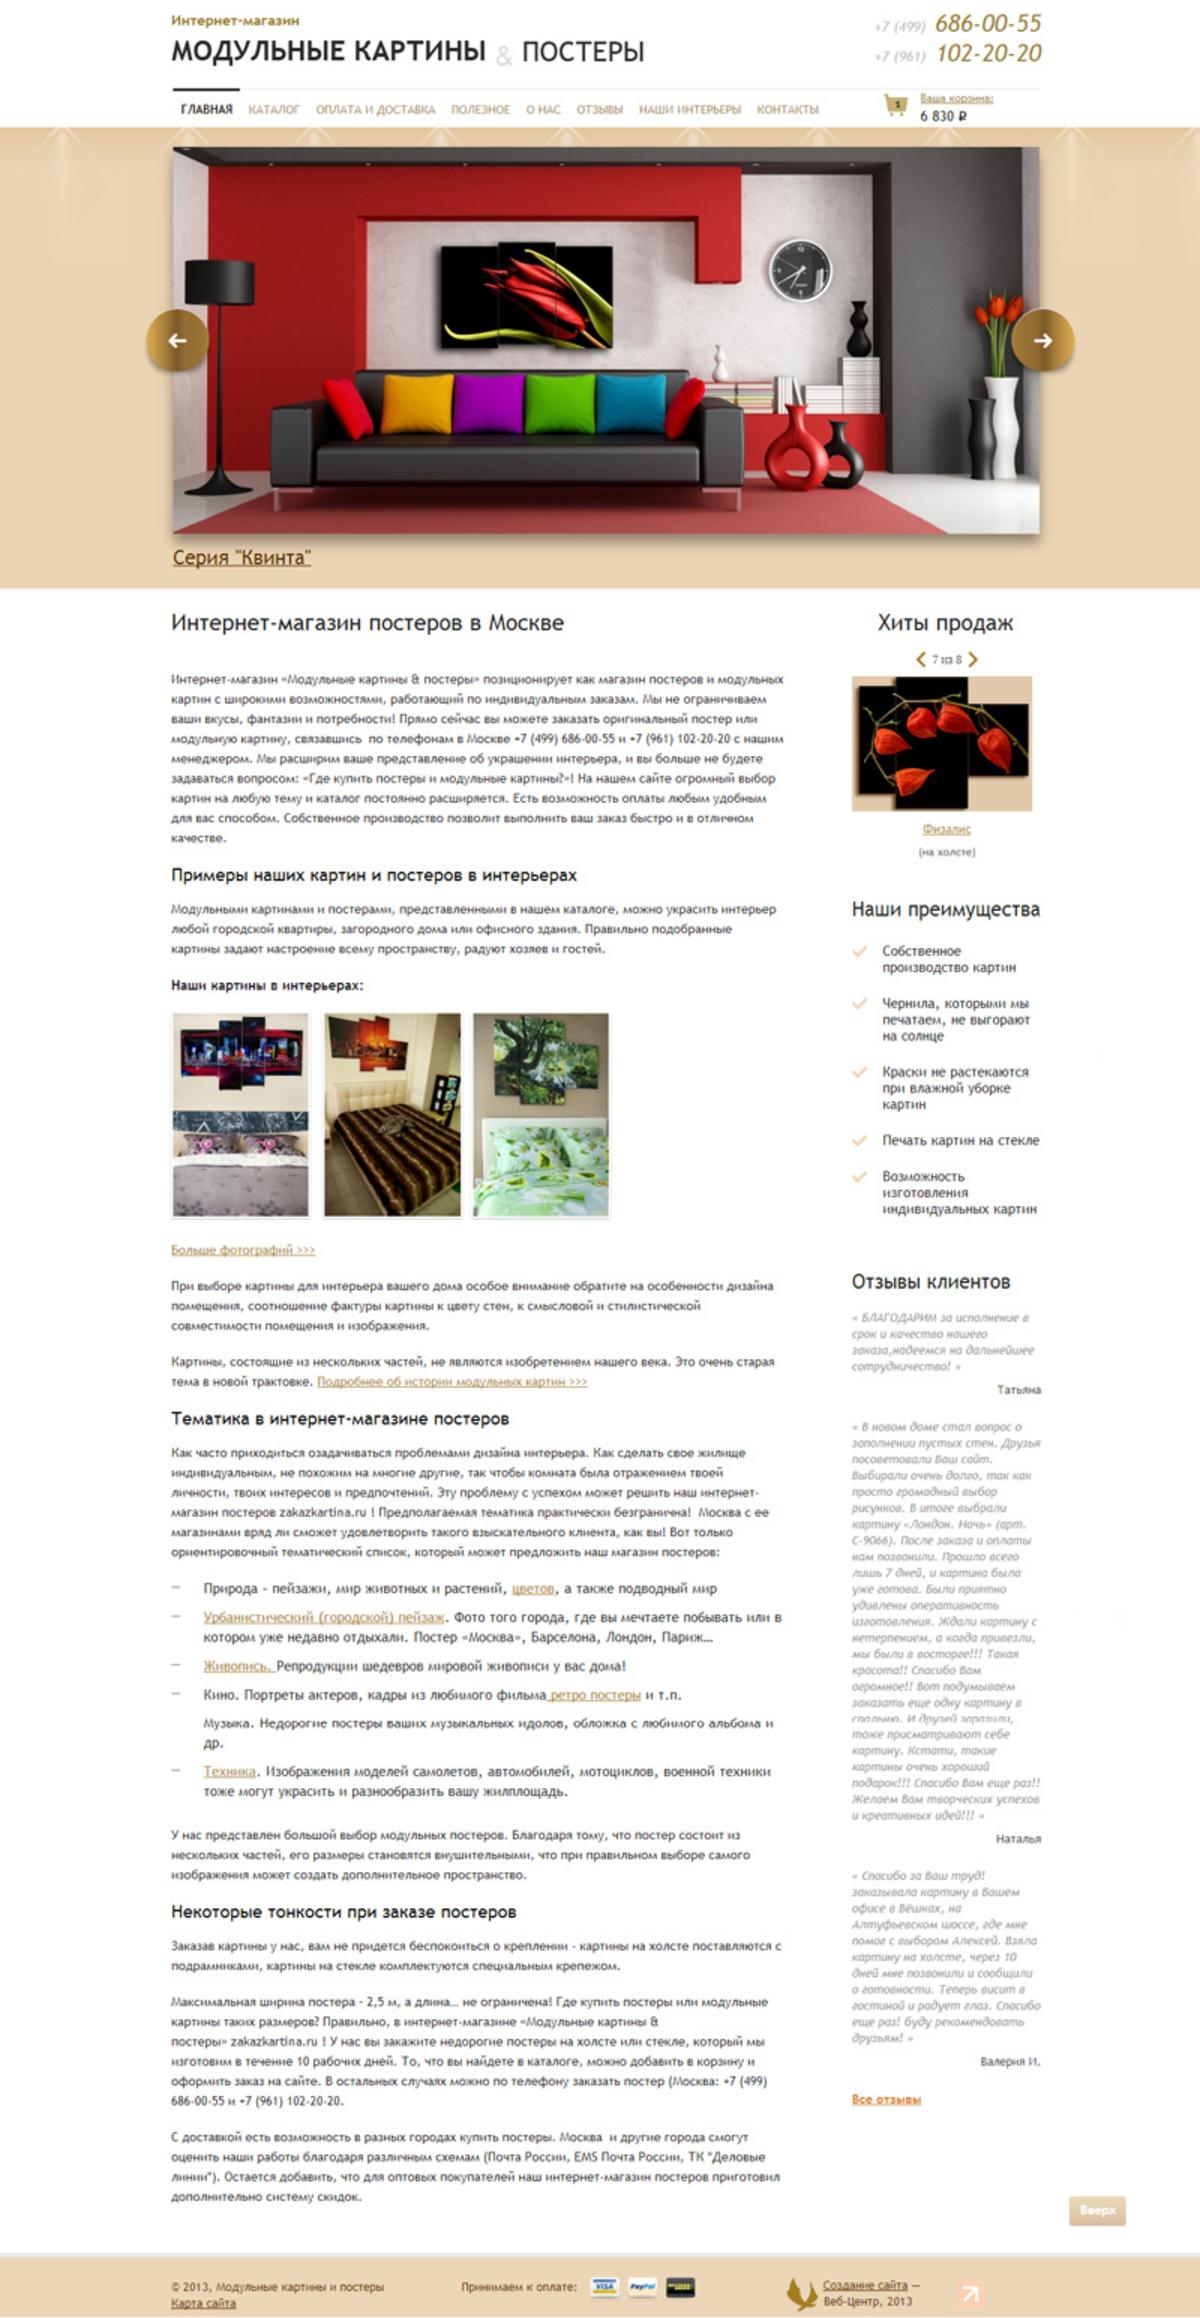 Интернет-магазин модульных картин и постеров / Проект компании Веб-Центр